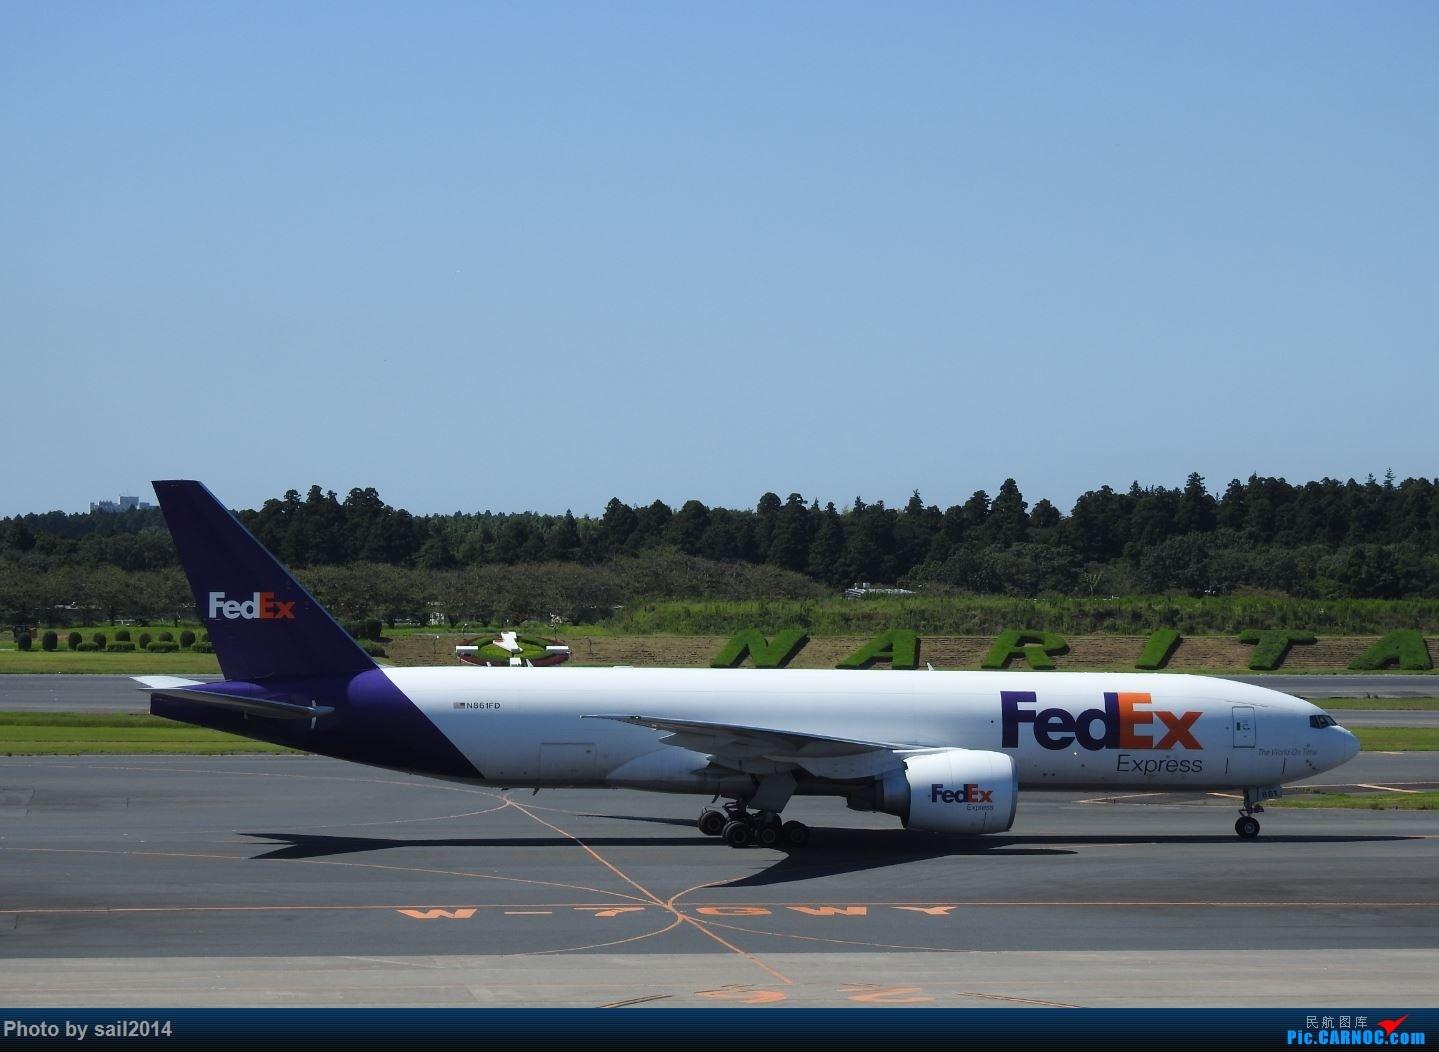 Re:[原创]补发九月末成田拍机 777-FS2 N861FD 成田国际机场